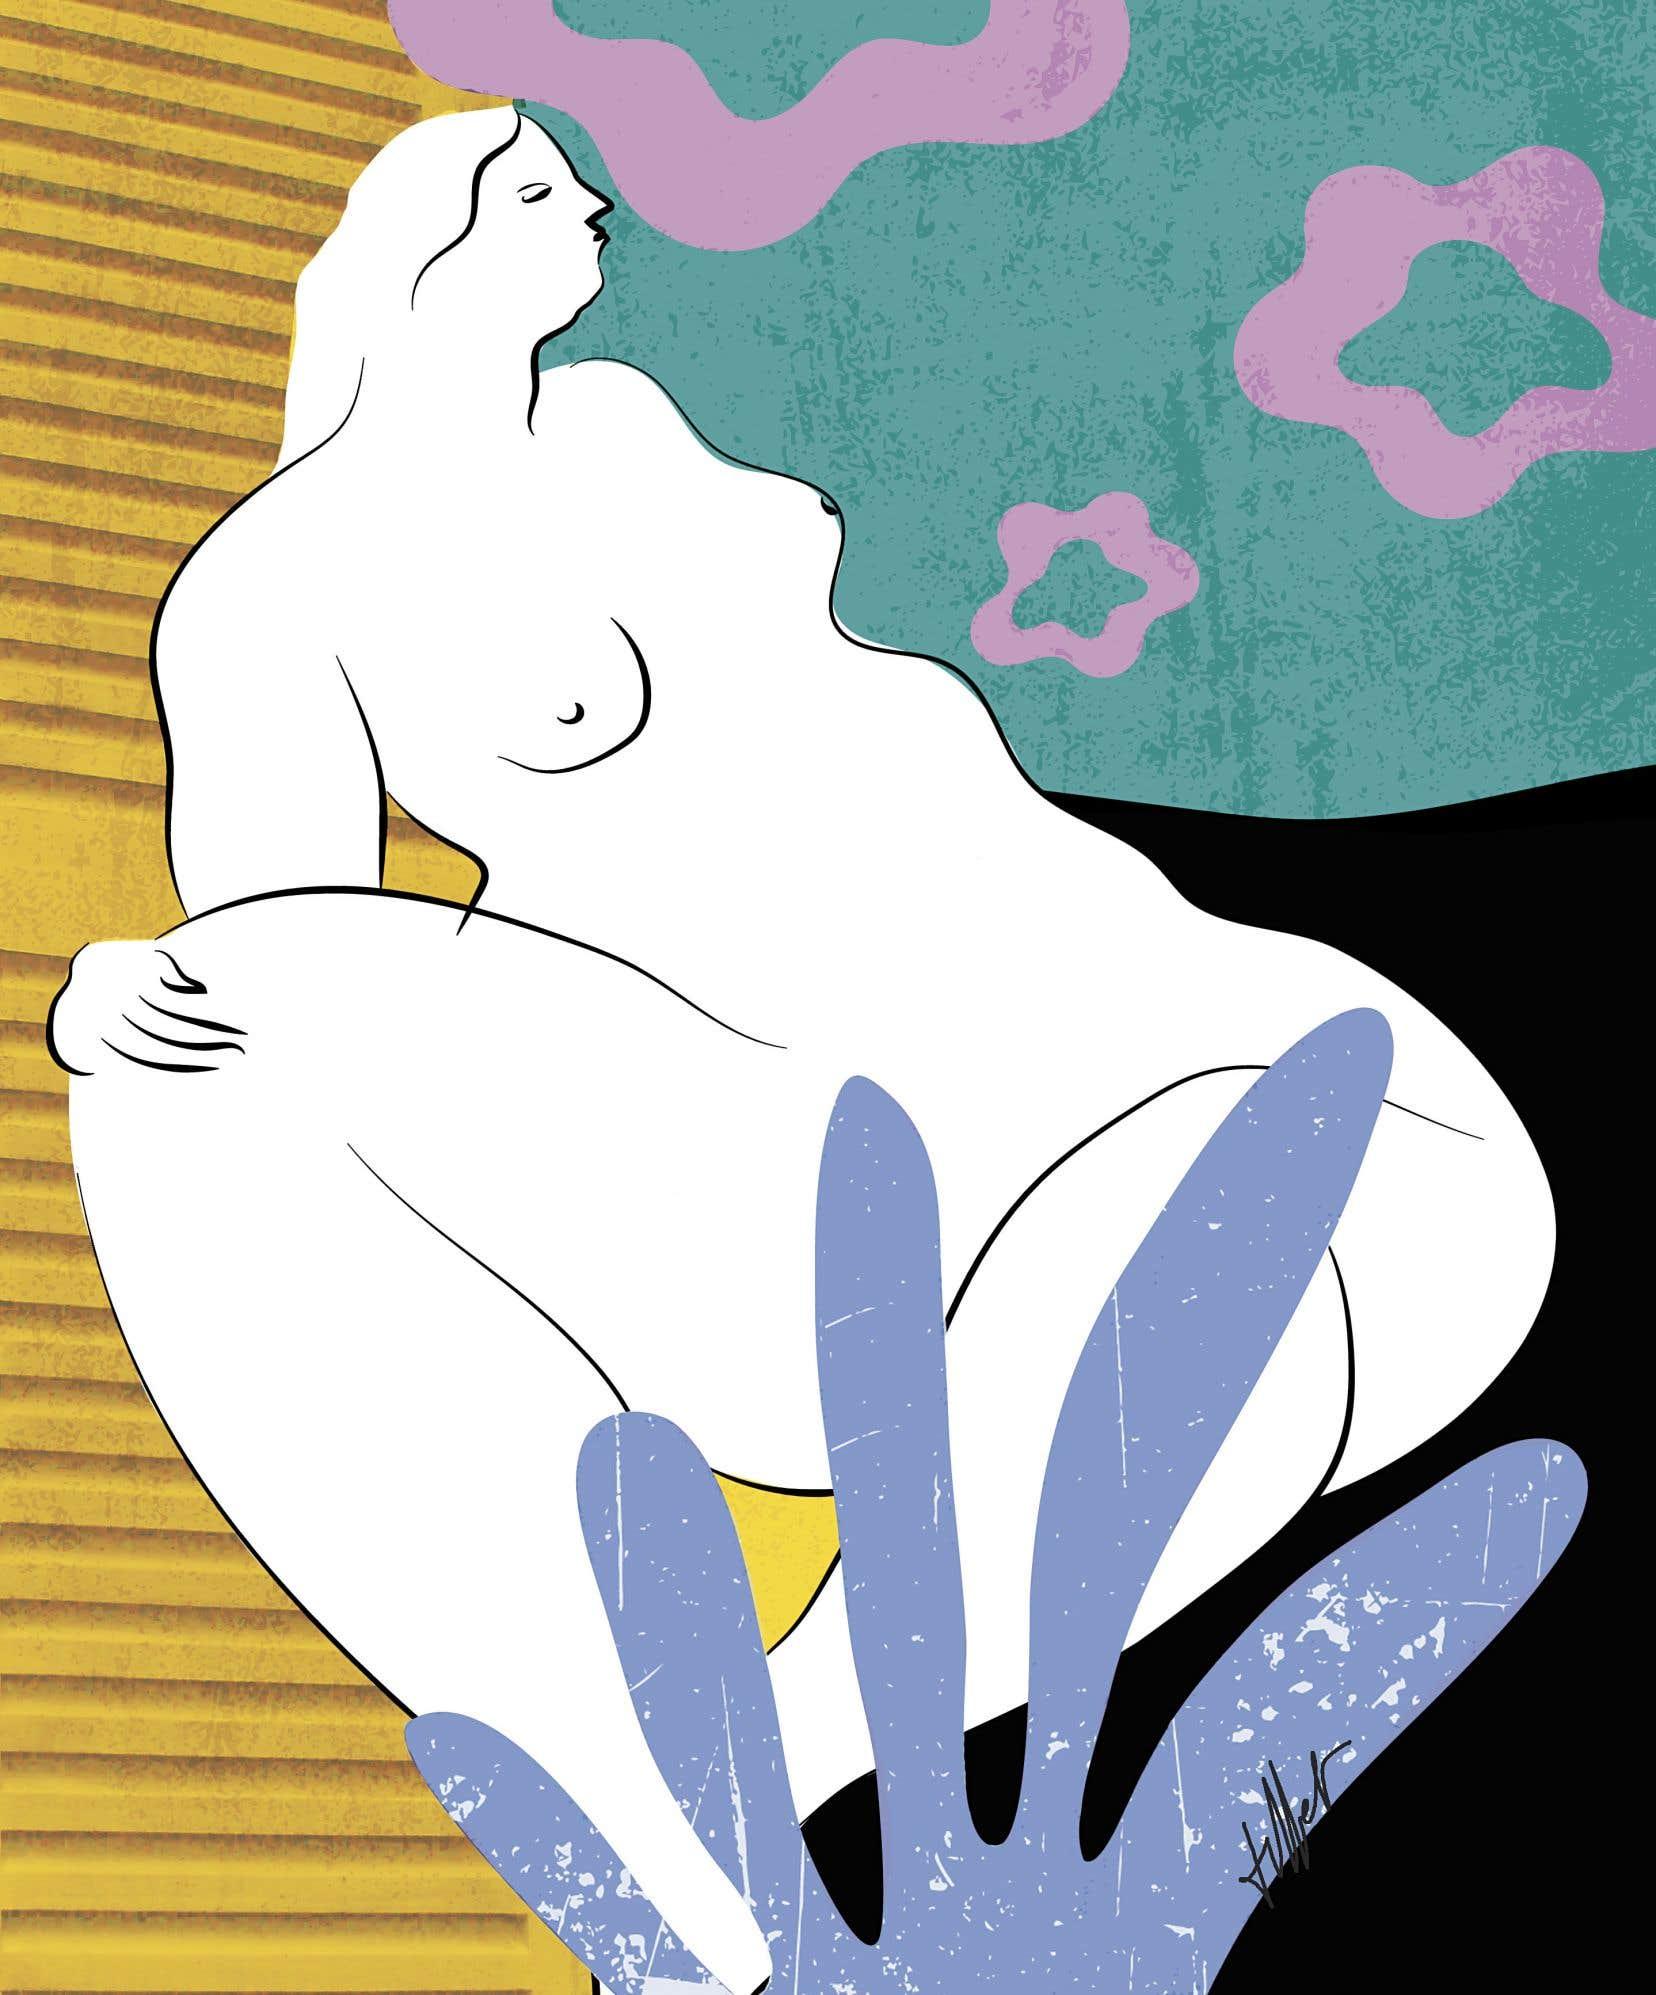 Journal du rapport à son corps d'une femme sous l'emprise éternelle d'un insatiable appétit de bouffe, de sexe et d'alcool, «Grosse» raconte à travers huit dessins disséqués par leur auteure une existence au bord du précipice.